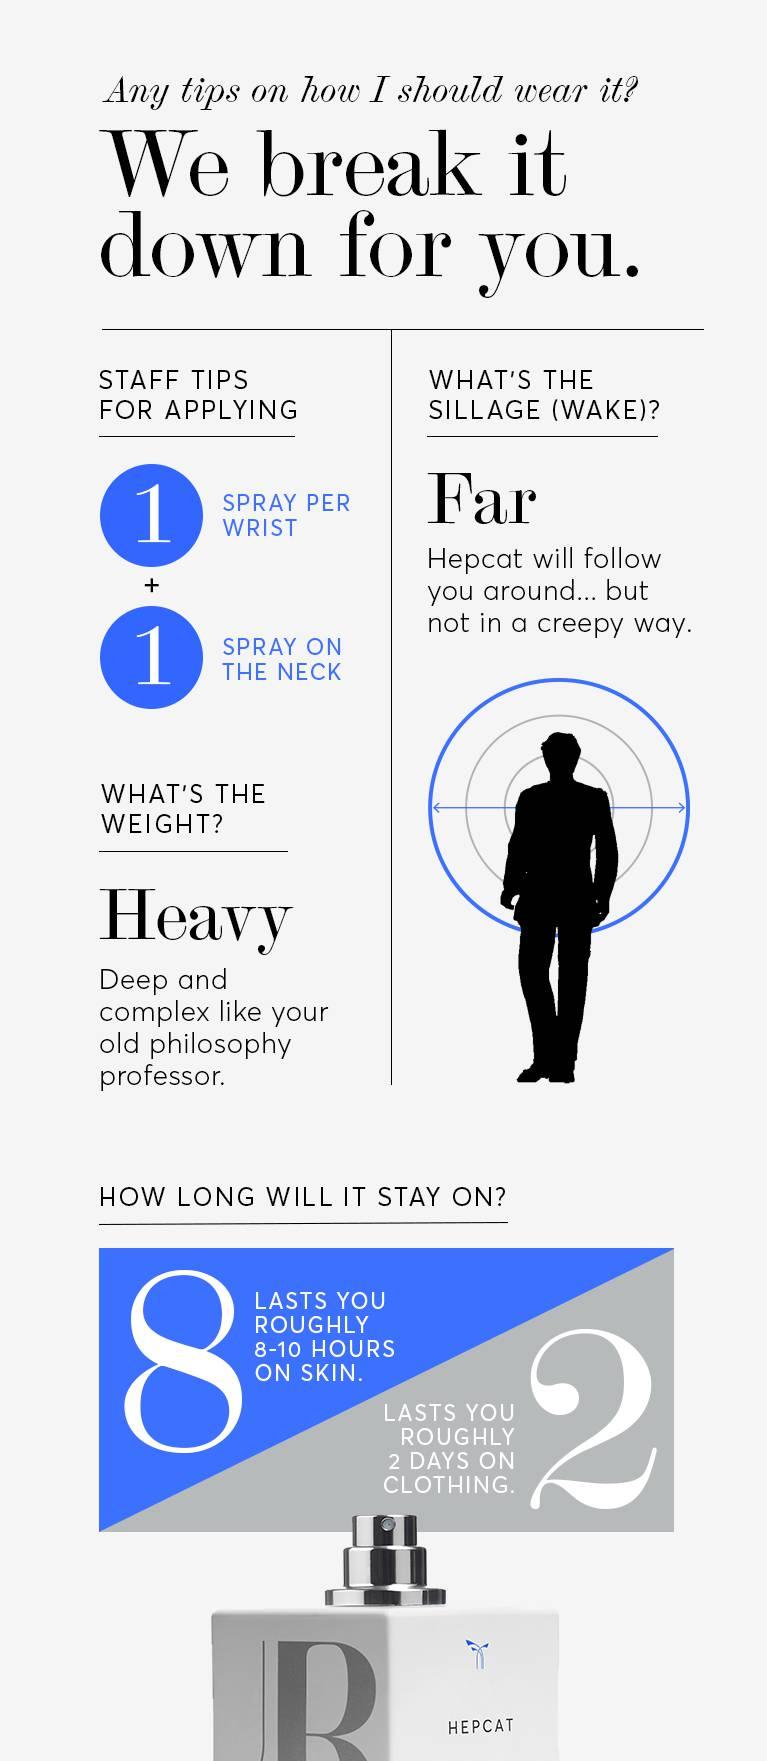 Hepcat - How to wear #PHLUR